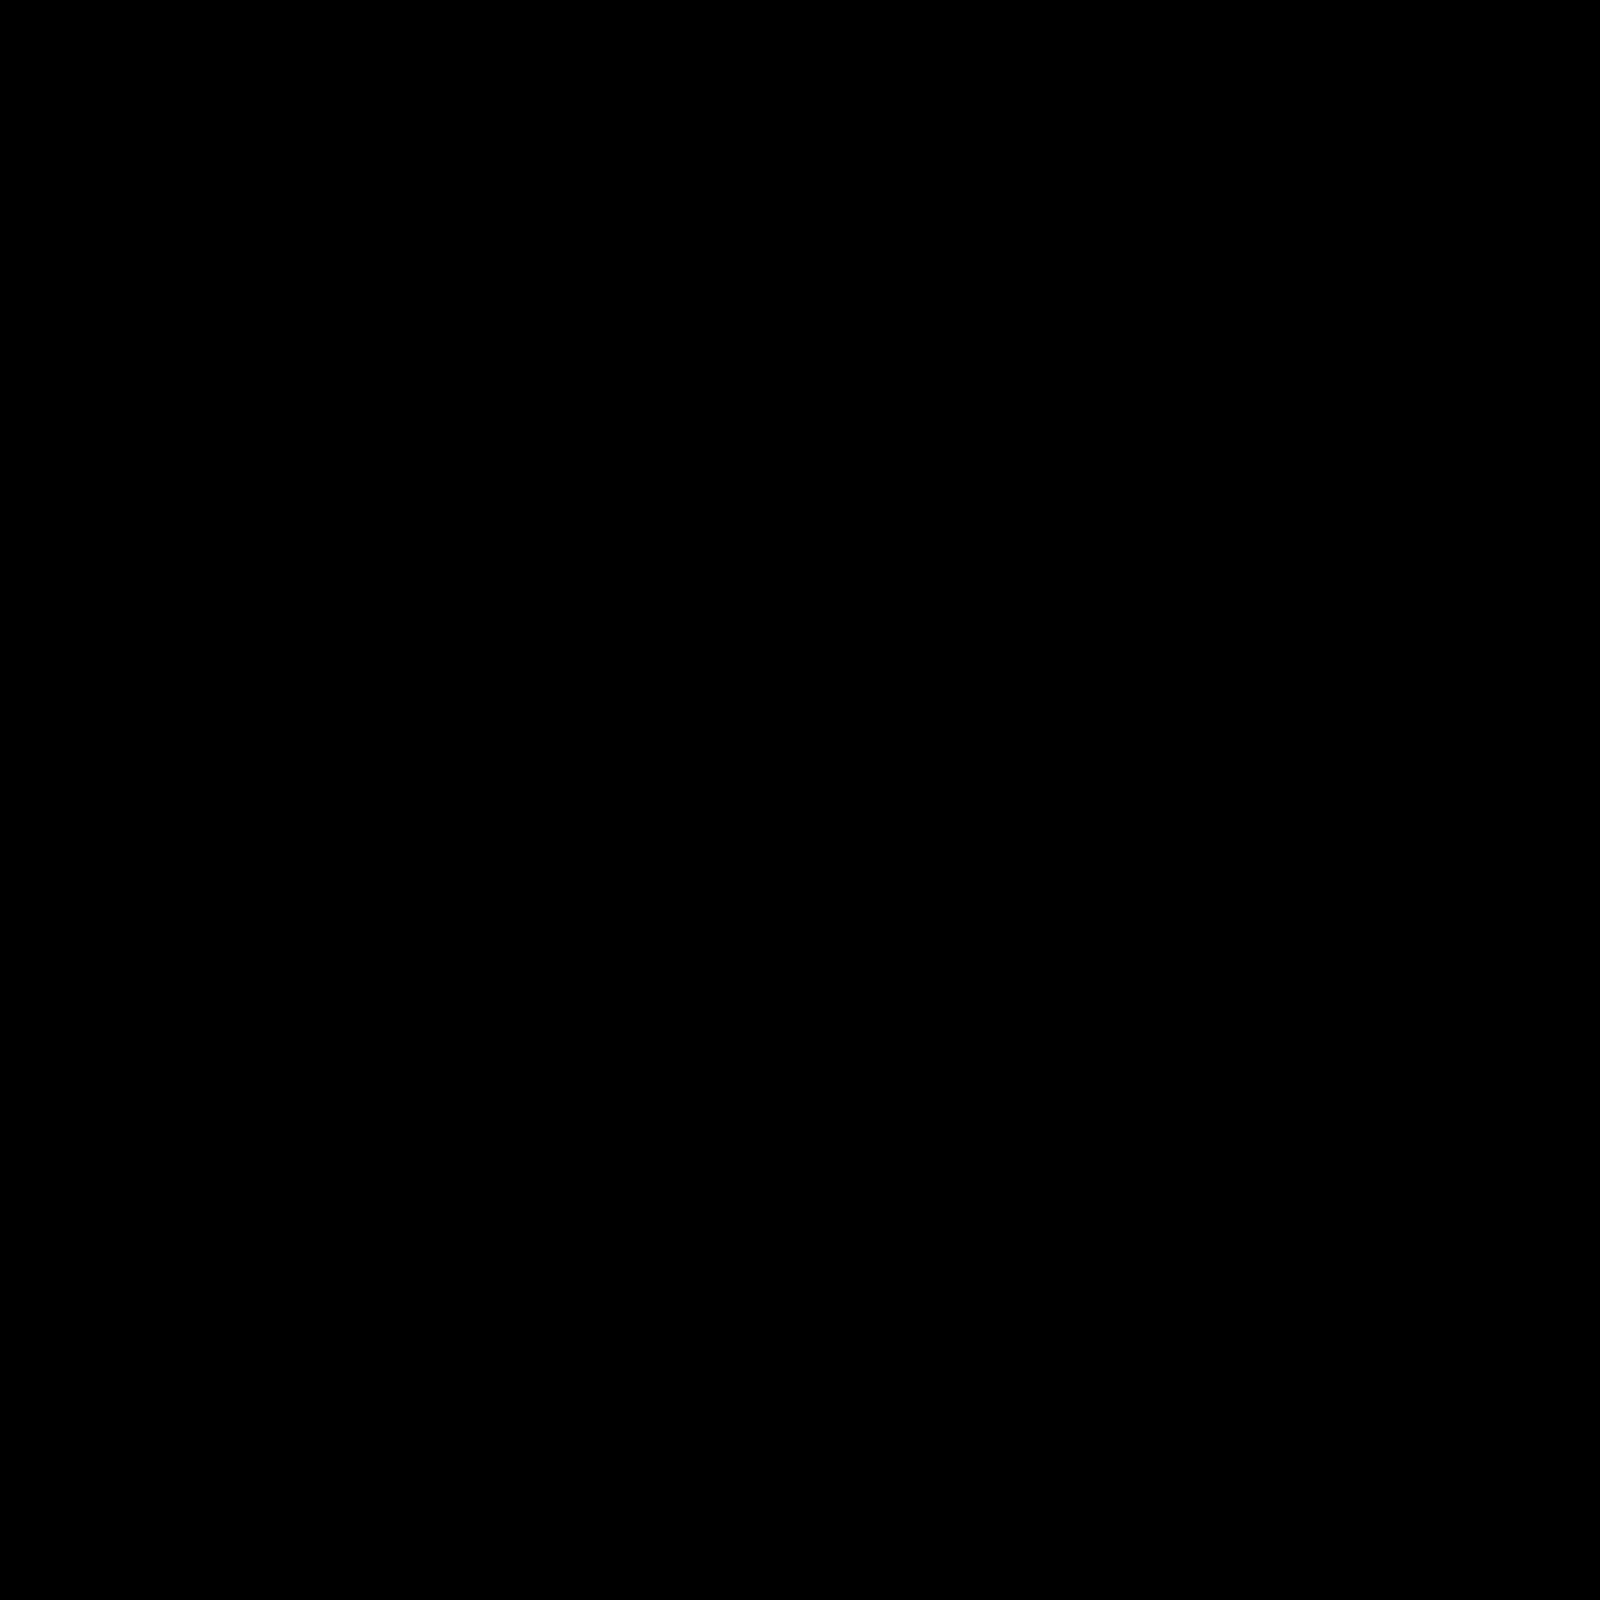 データベースの復元 icon